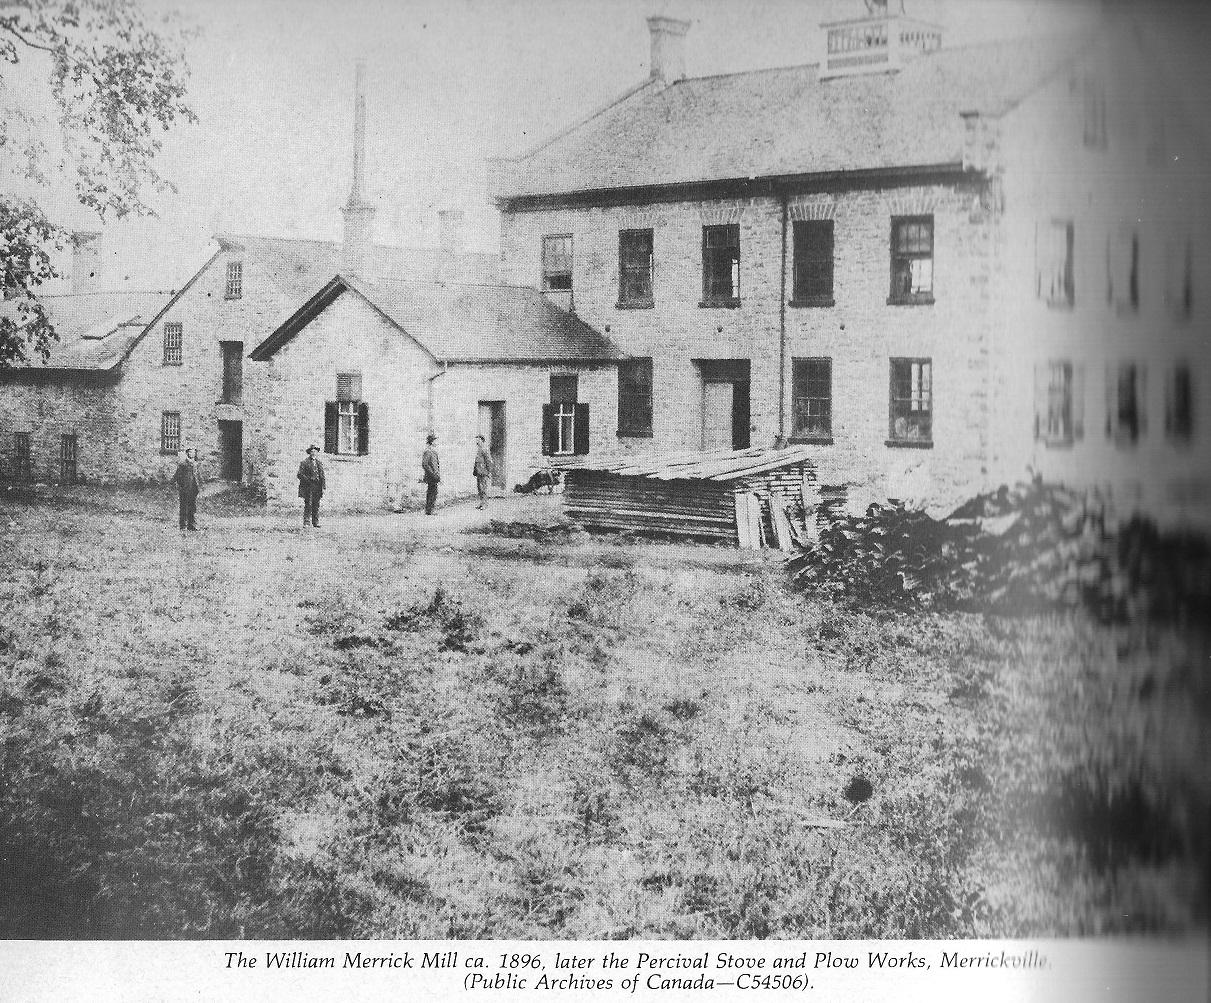 The William Merrick Mill c. 1896